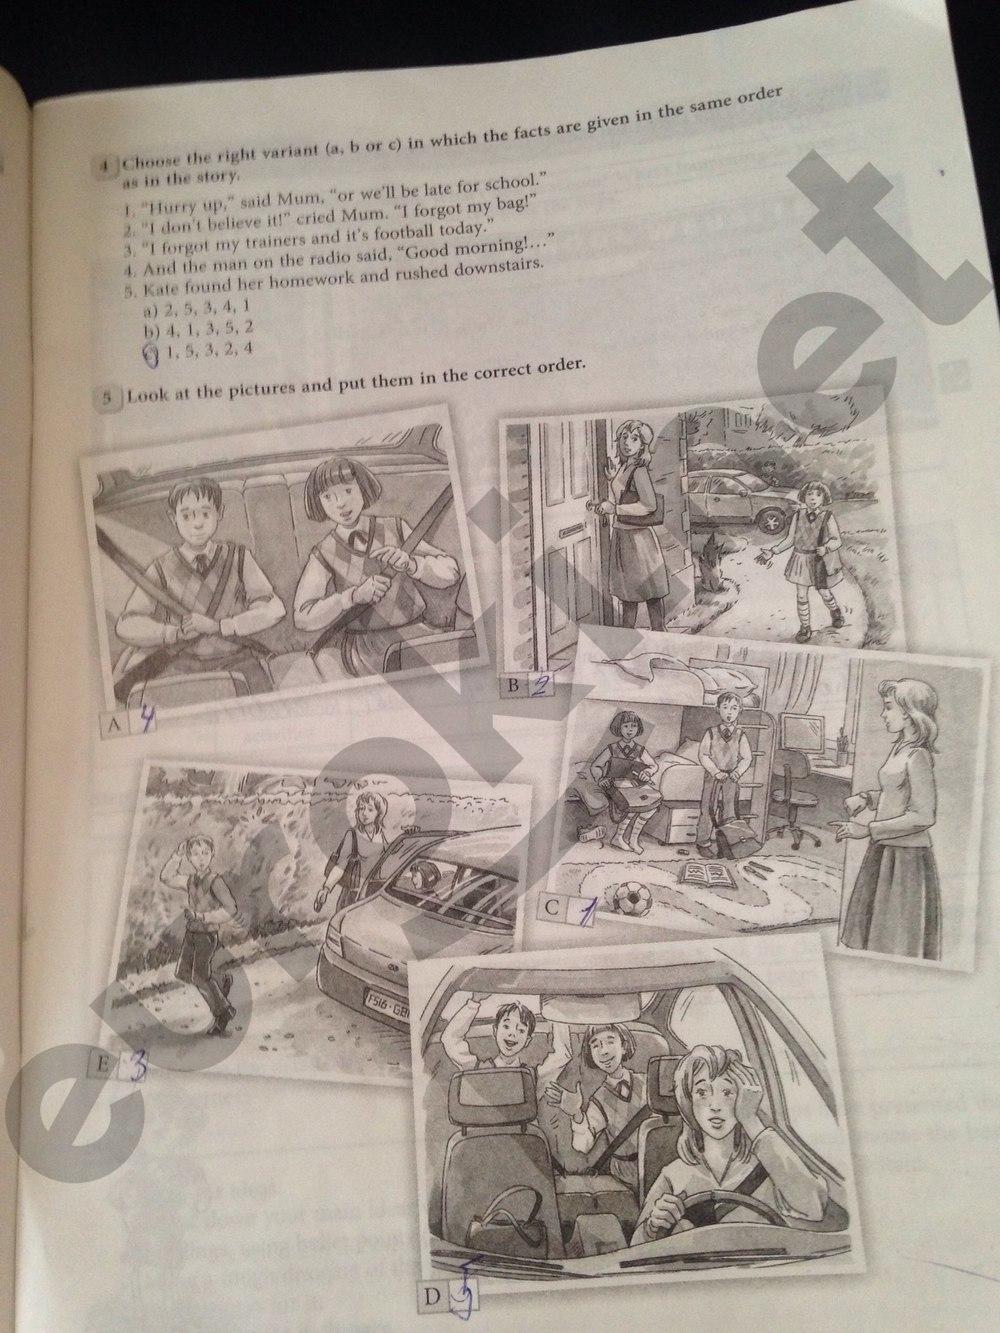 ГДЗ по английскому языку 5 класс рабочая тетрадь Биболетова. Задание: стр. 19